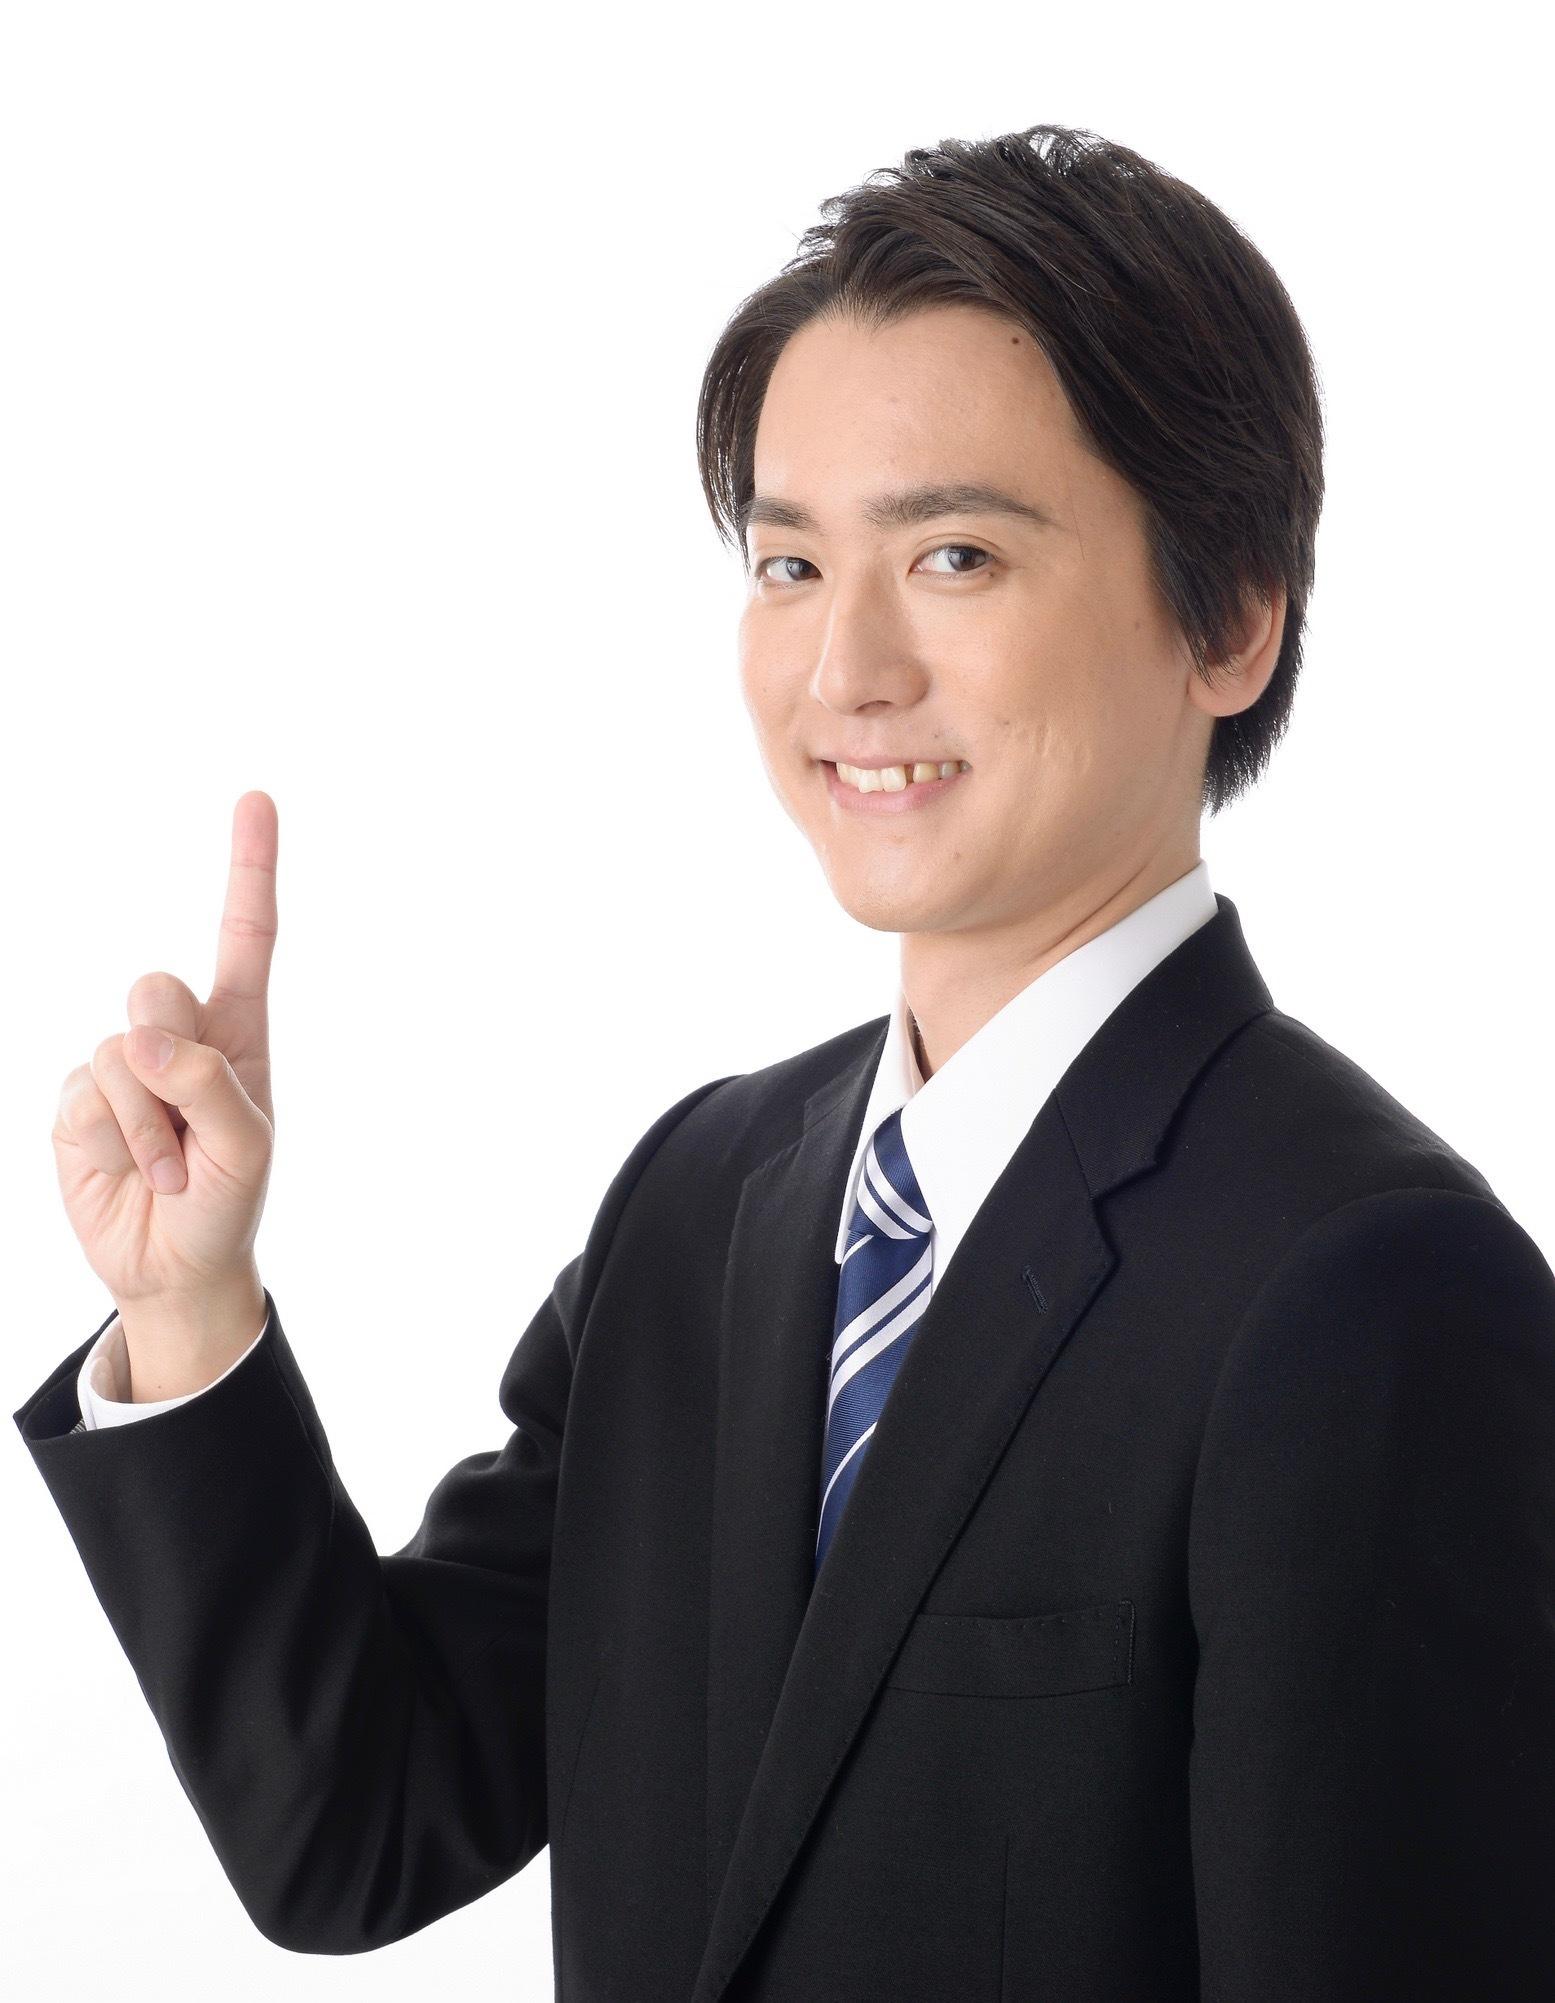 ビジネスマン01